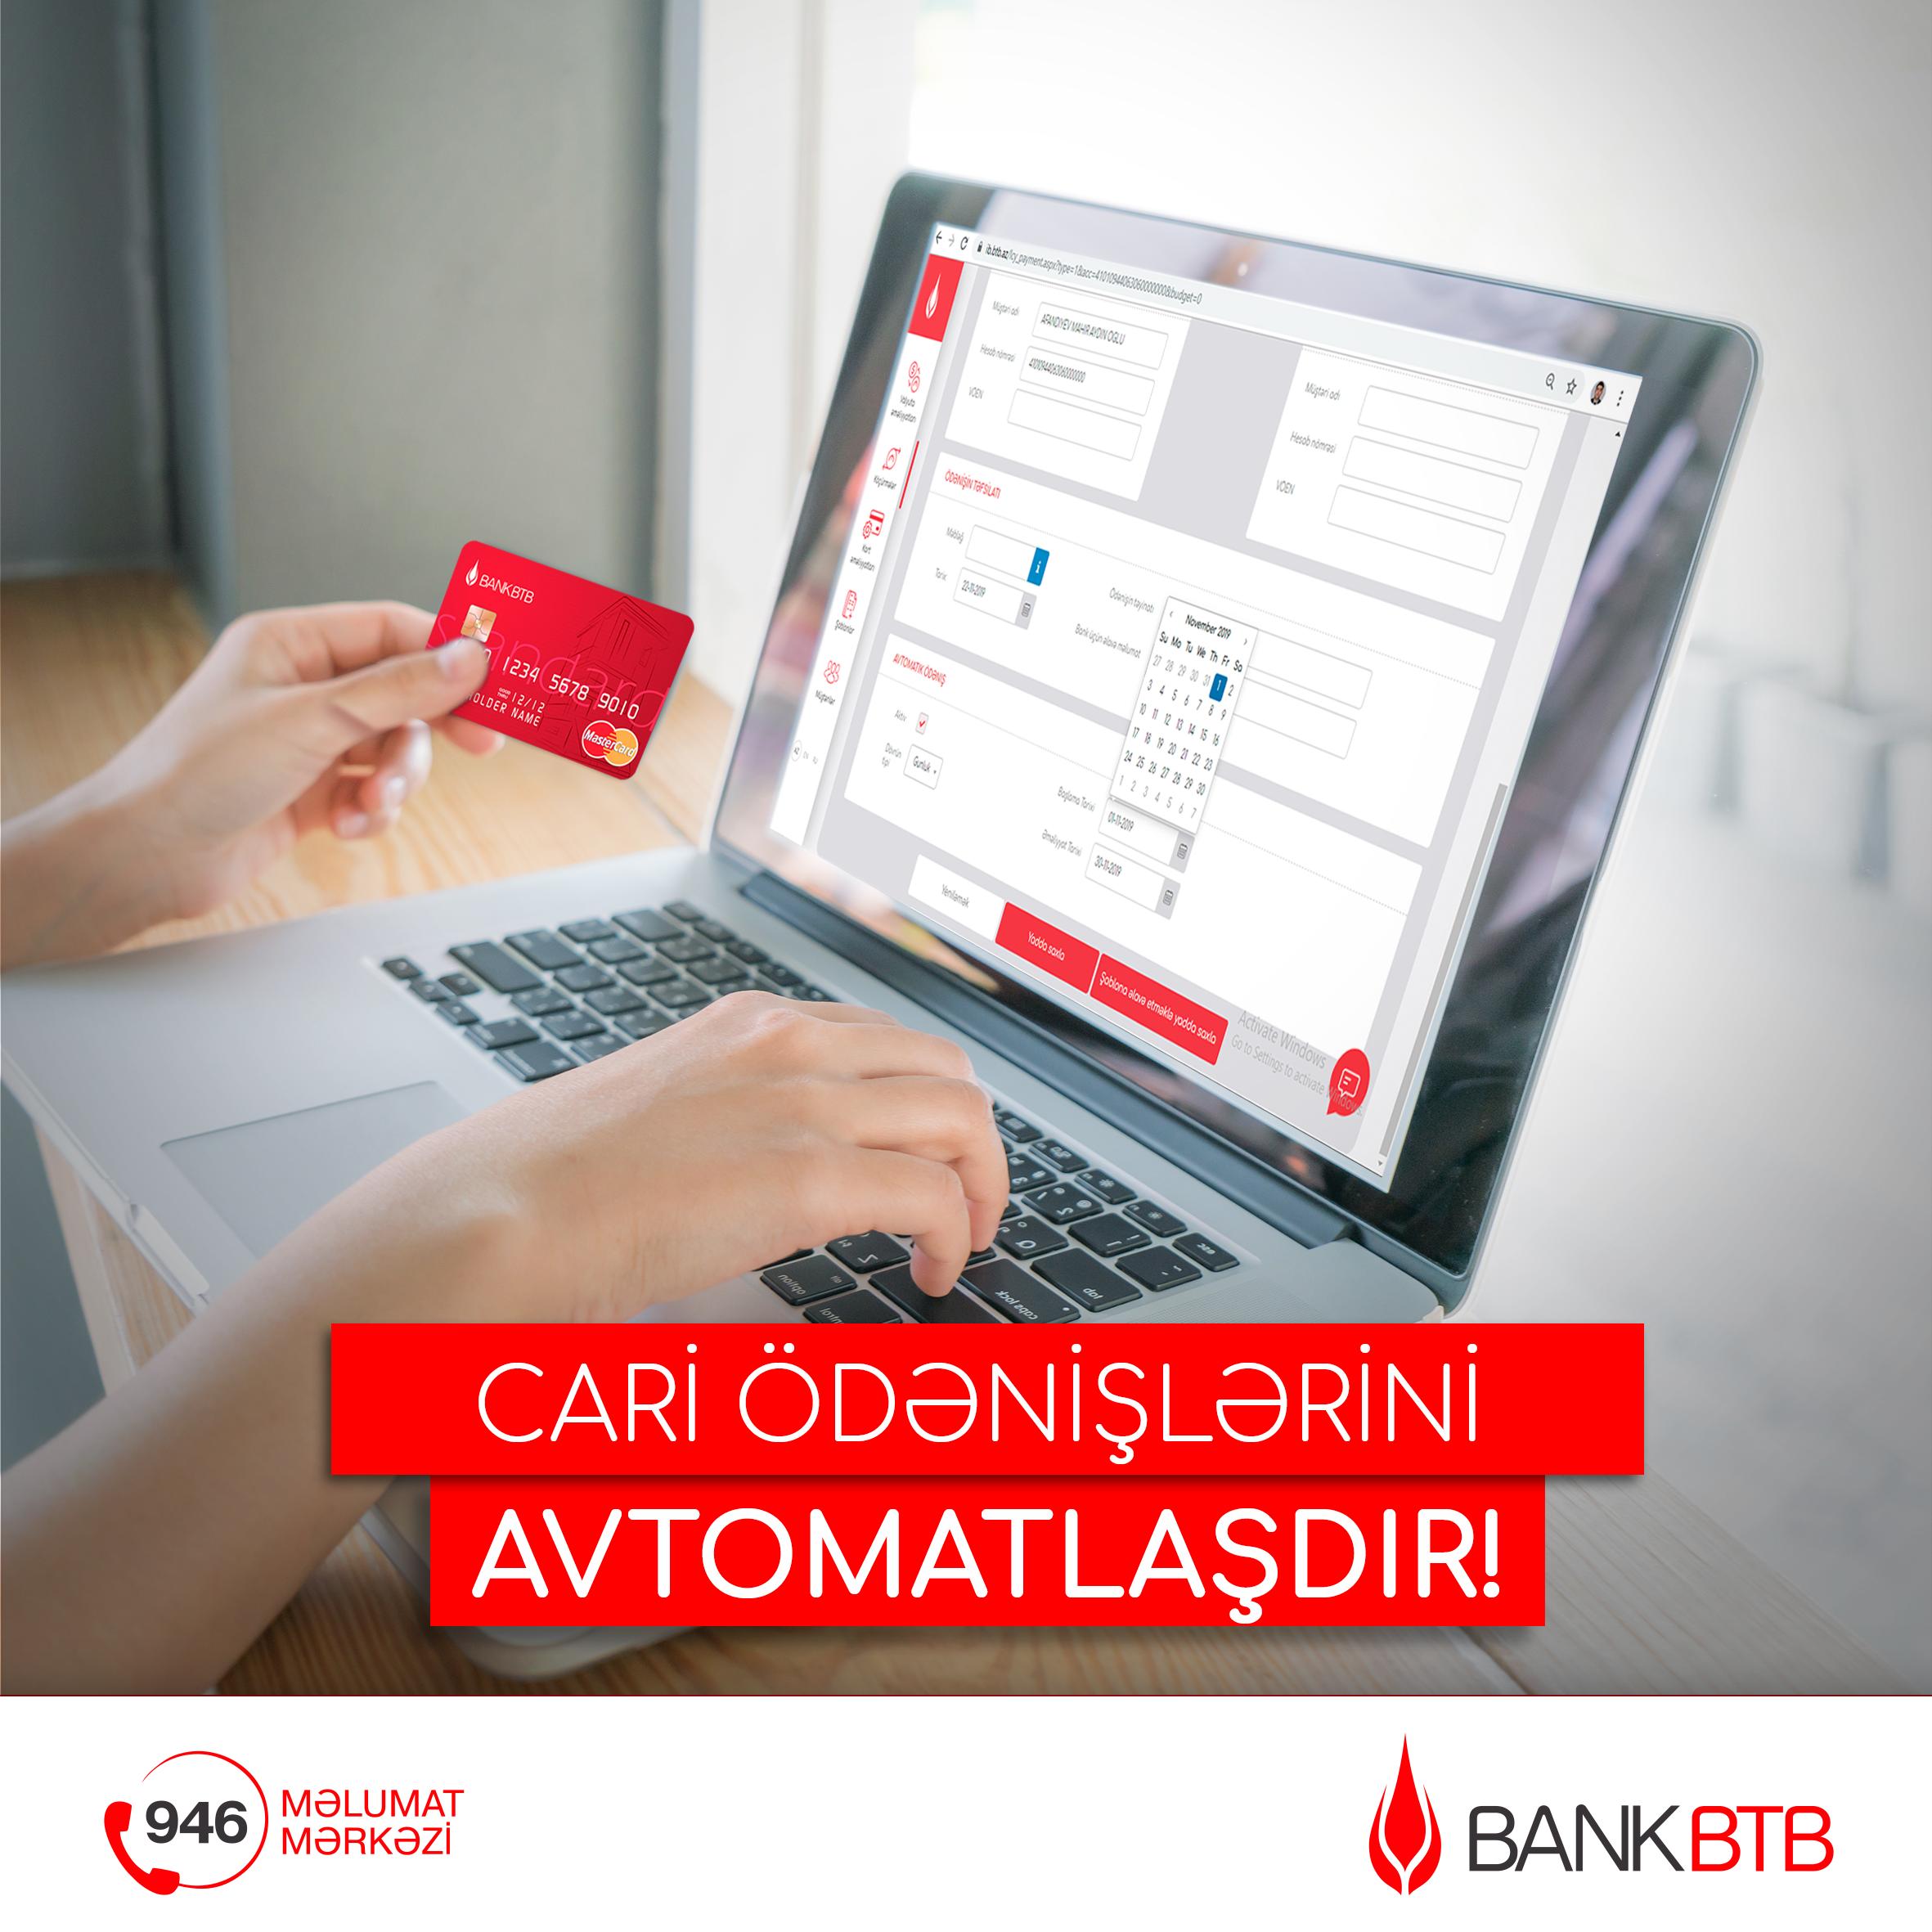 Bank BTB позволяет систематизировать автоматические оплаты через İnternet Bankinq